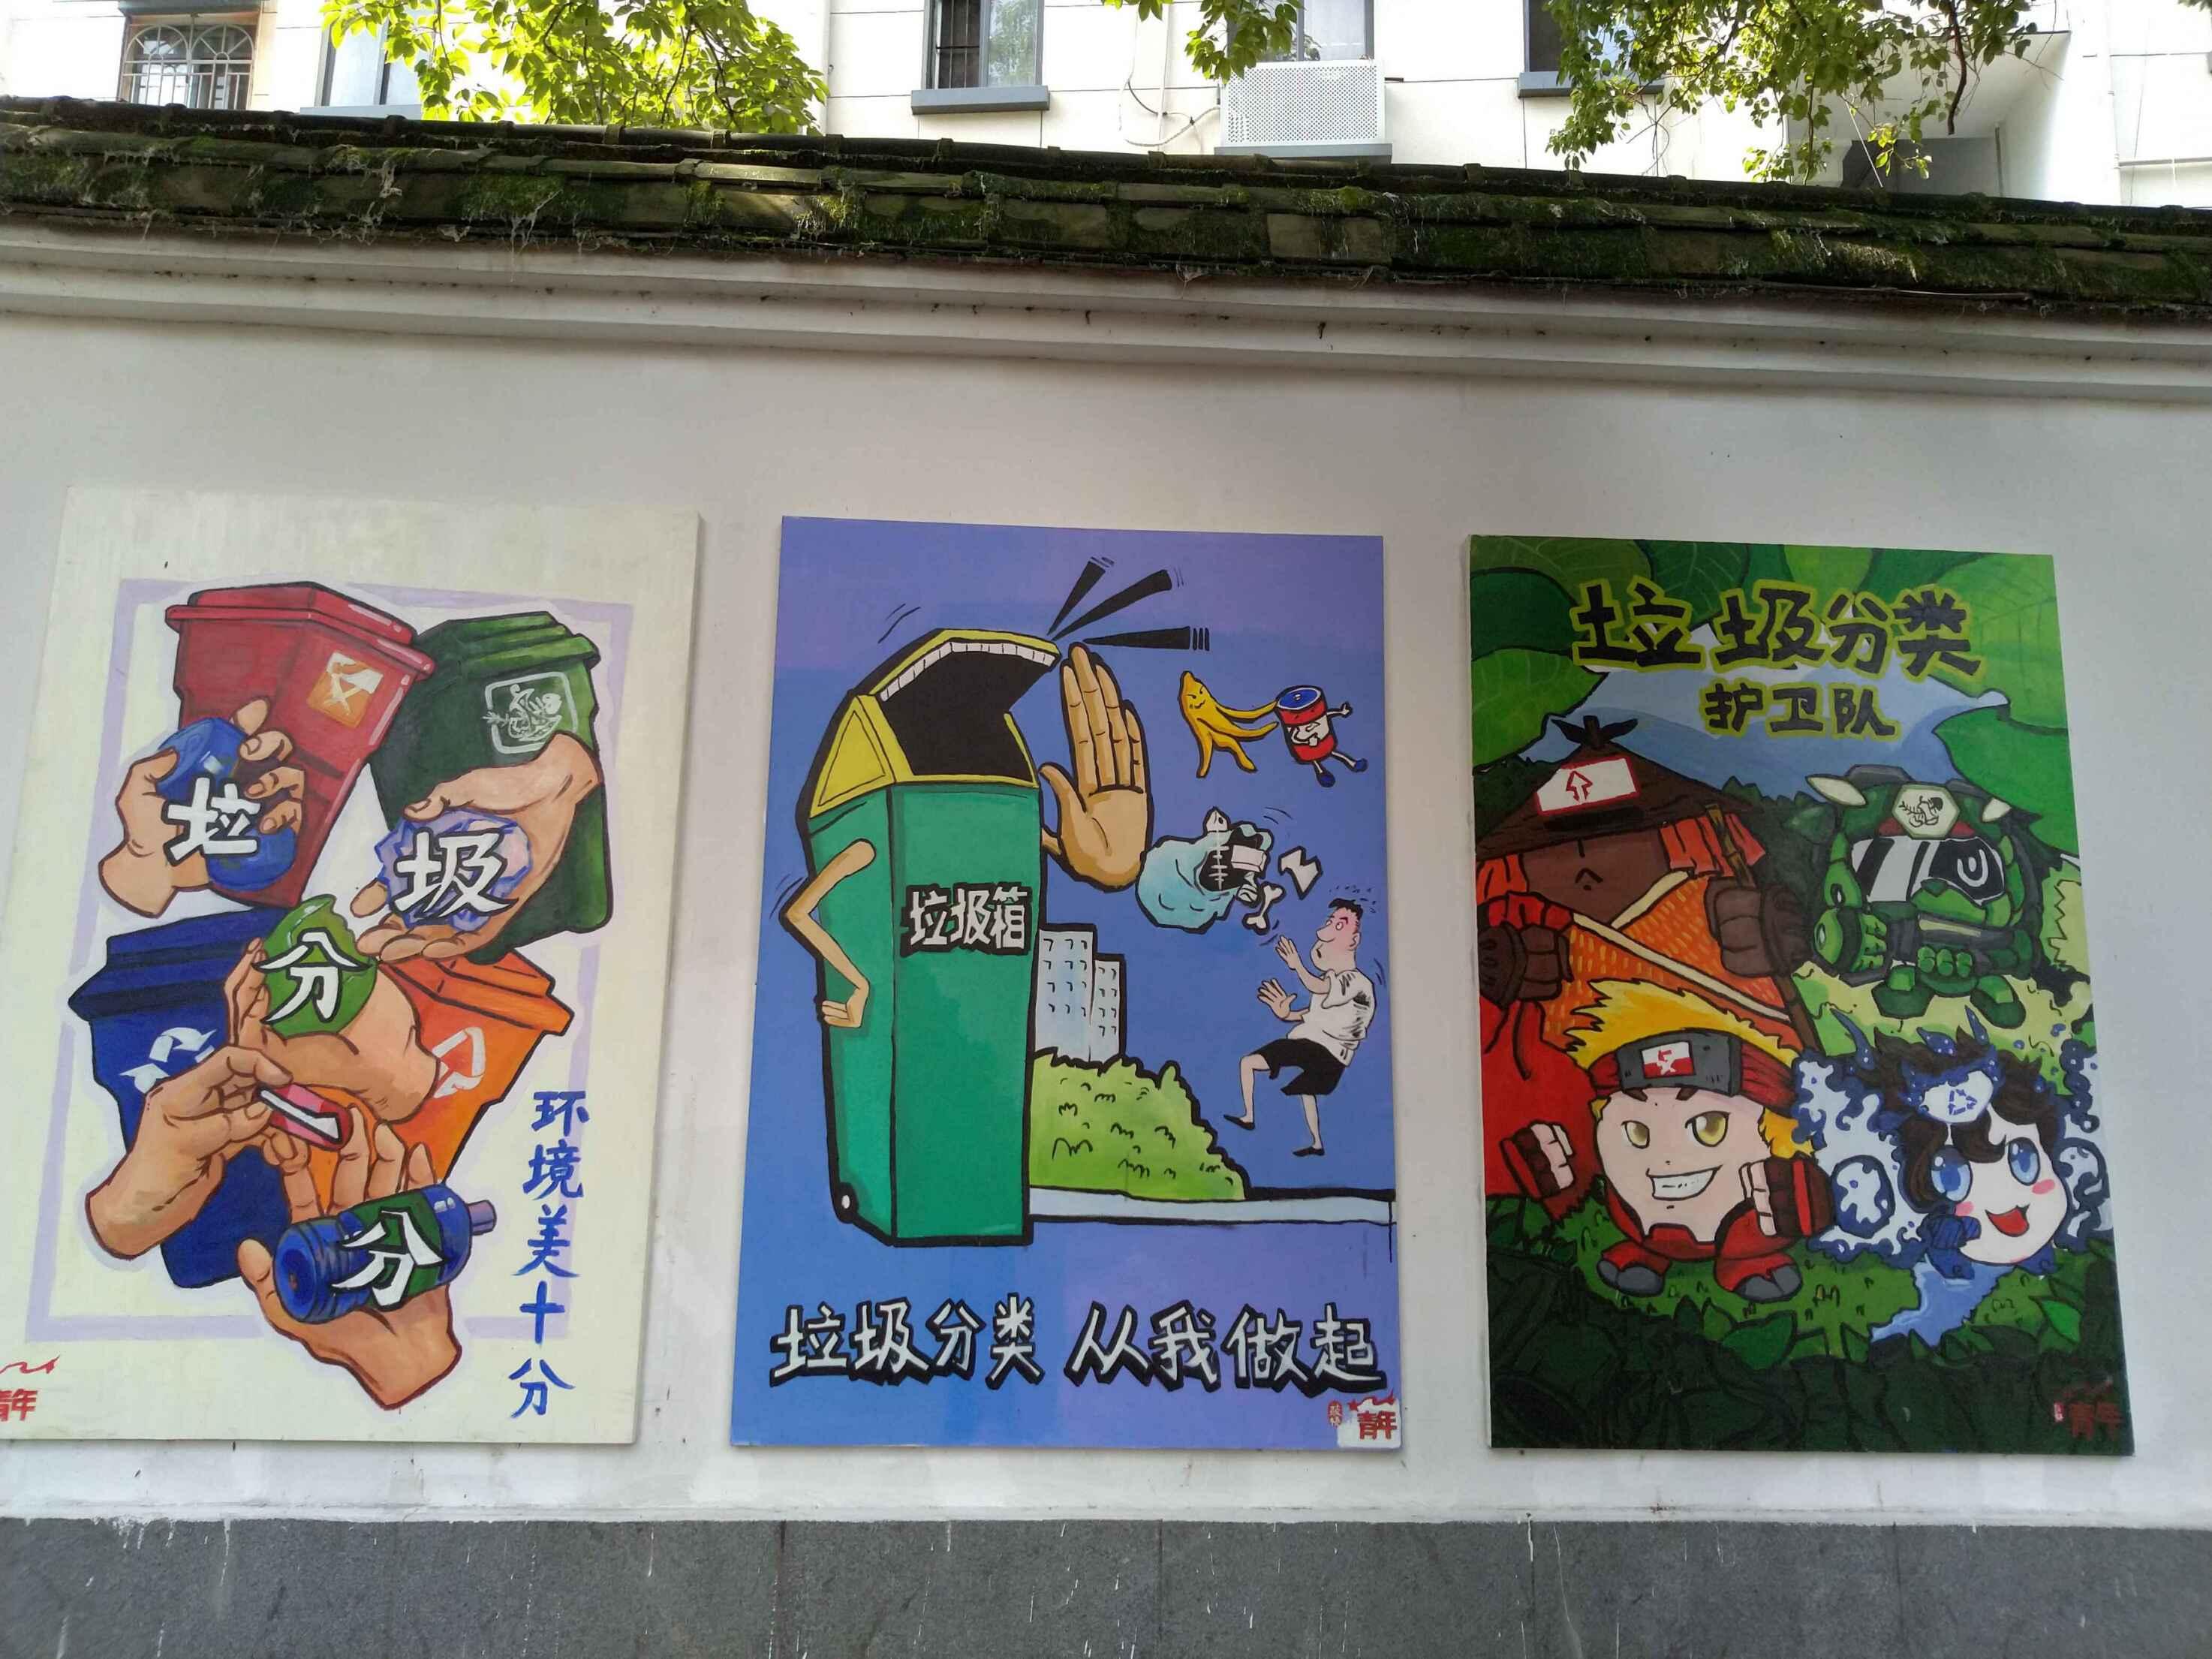 南昌手绘墙体画,南昌墙体画,南昌墙绘3d画,南昌壁画公司